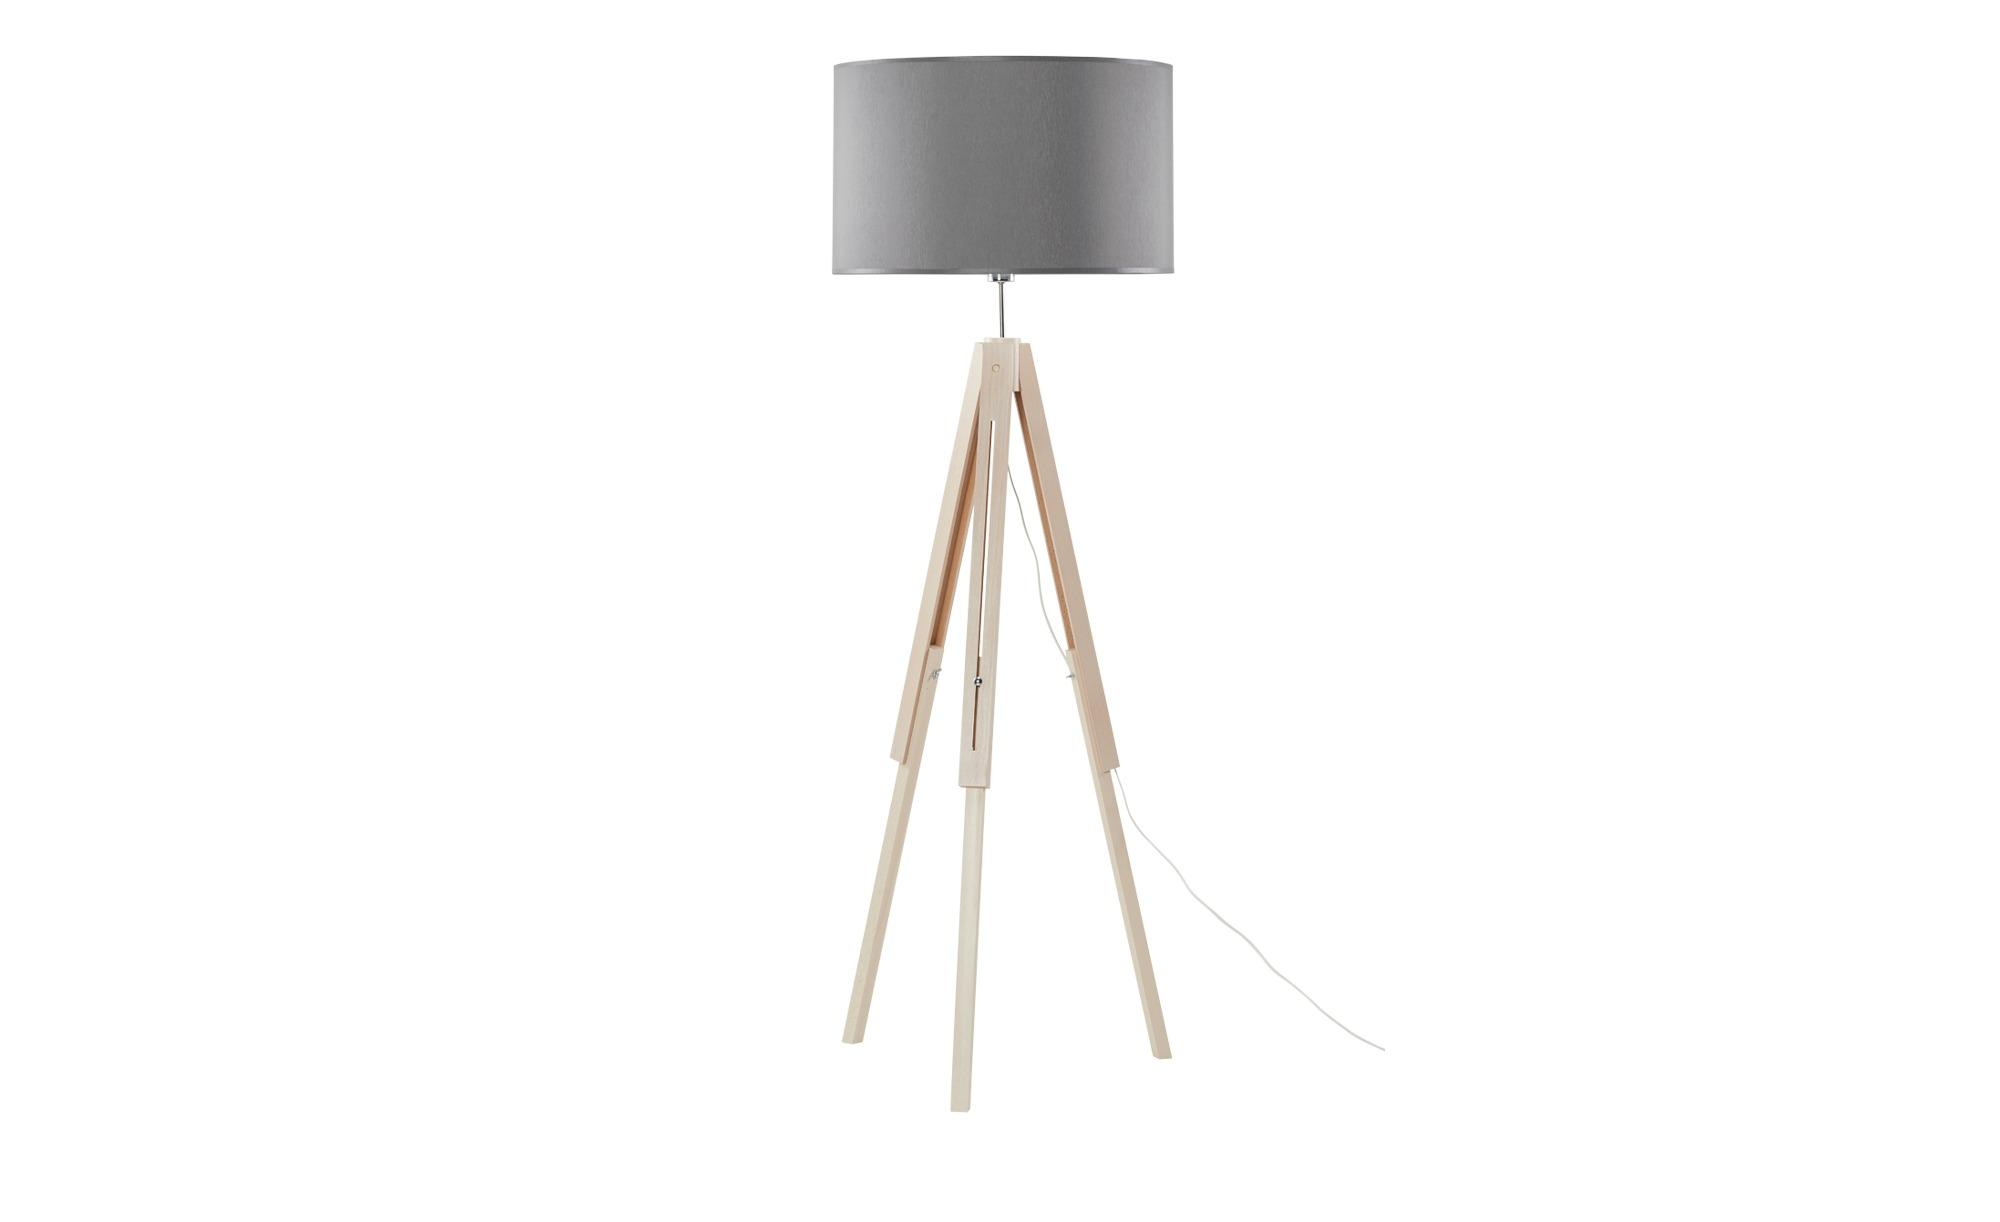 Stehleuchte, 1-flammig, Stoffschirm grau ¦ holzfarben ¦ Maße (cm): H: 137 Ø: 50 Lampen & Leuchten > Innenleuchten > Stehlampen - Höffner